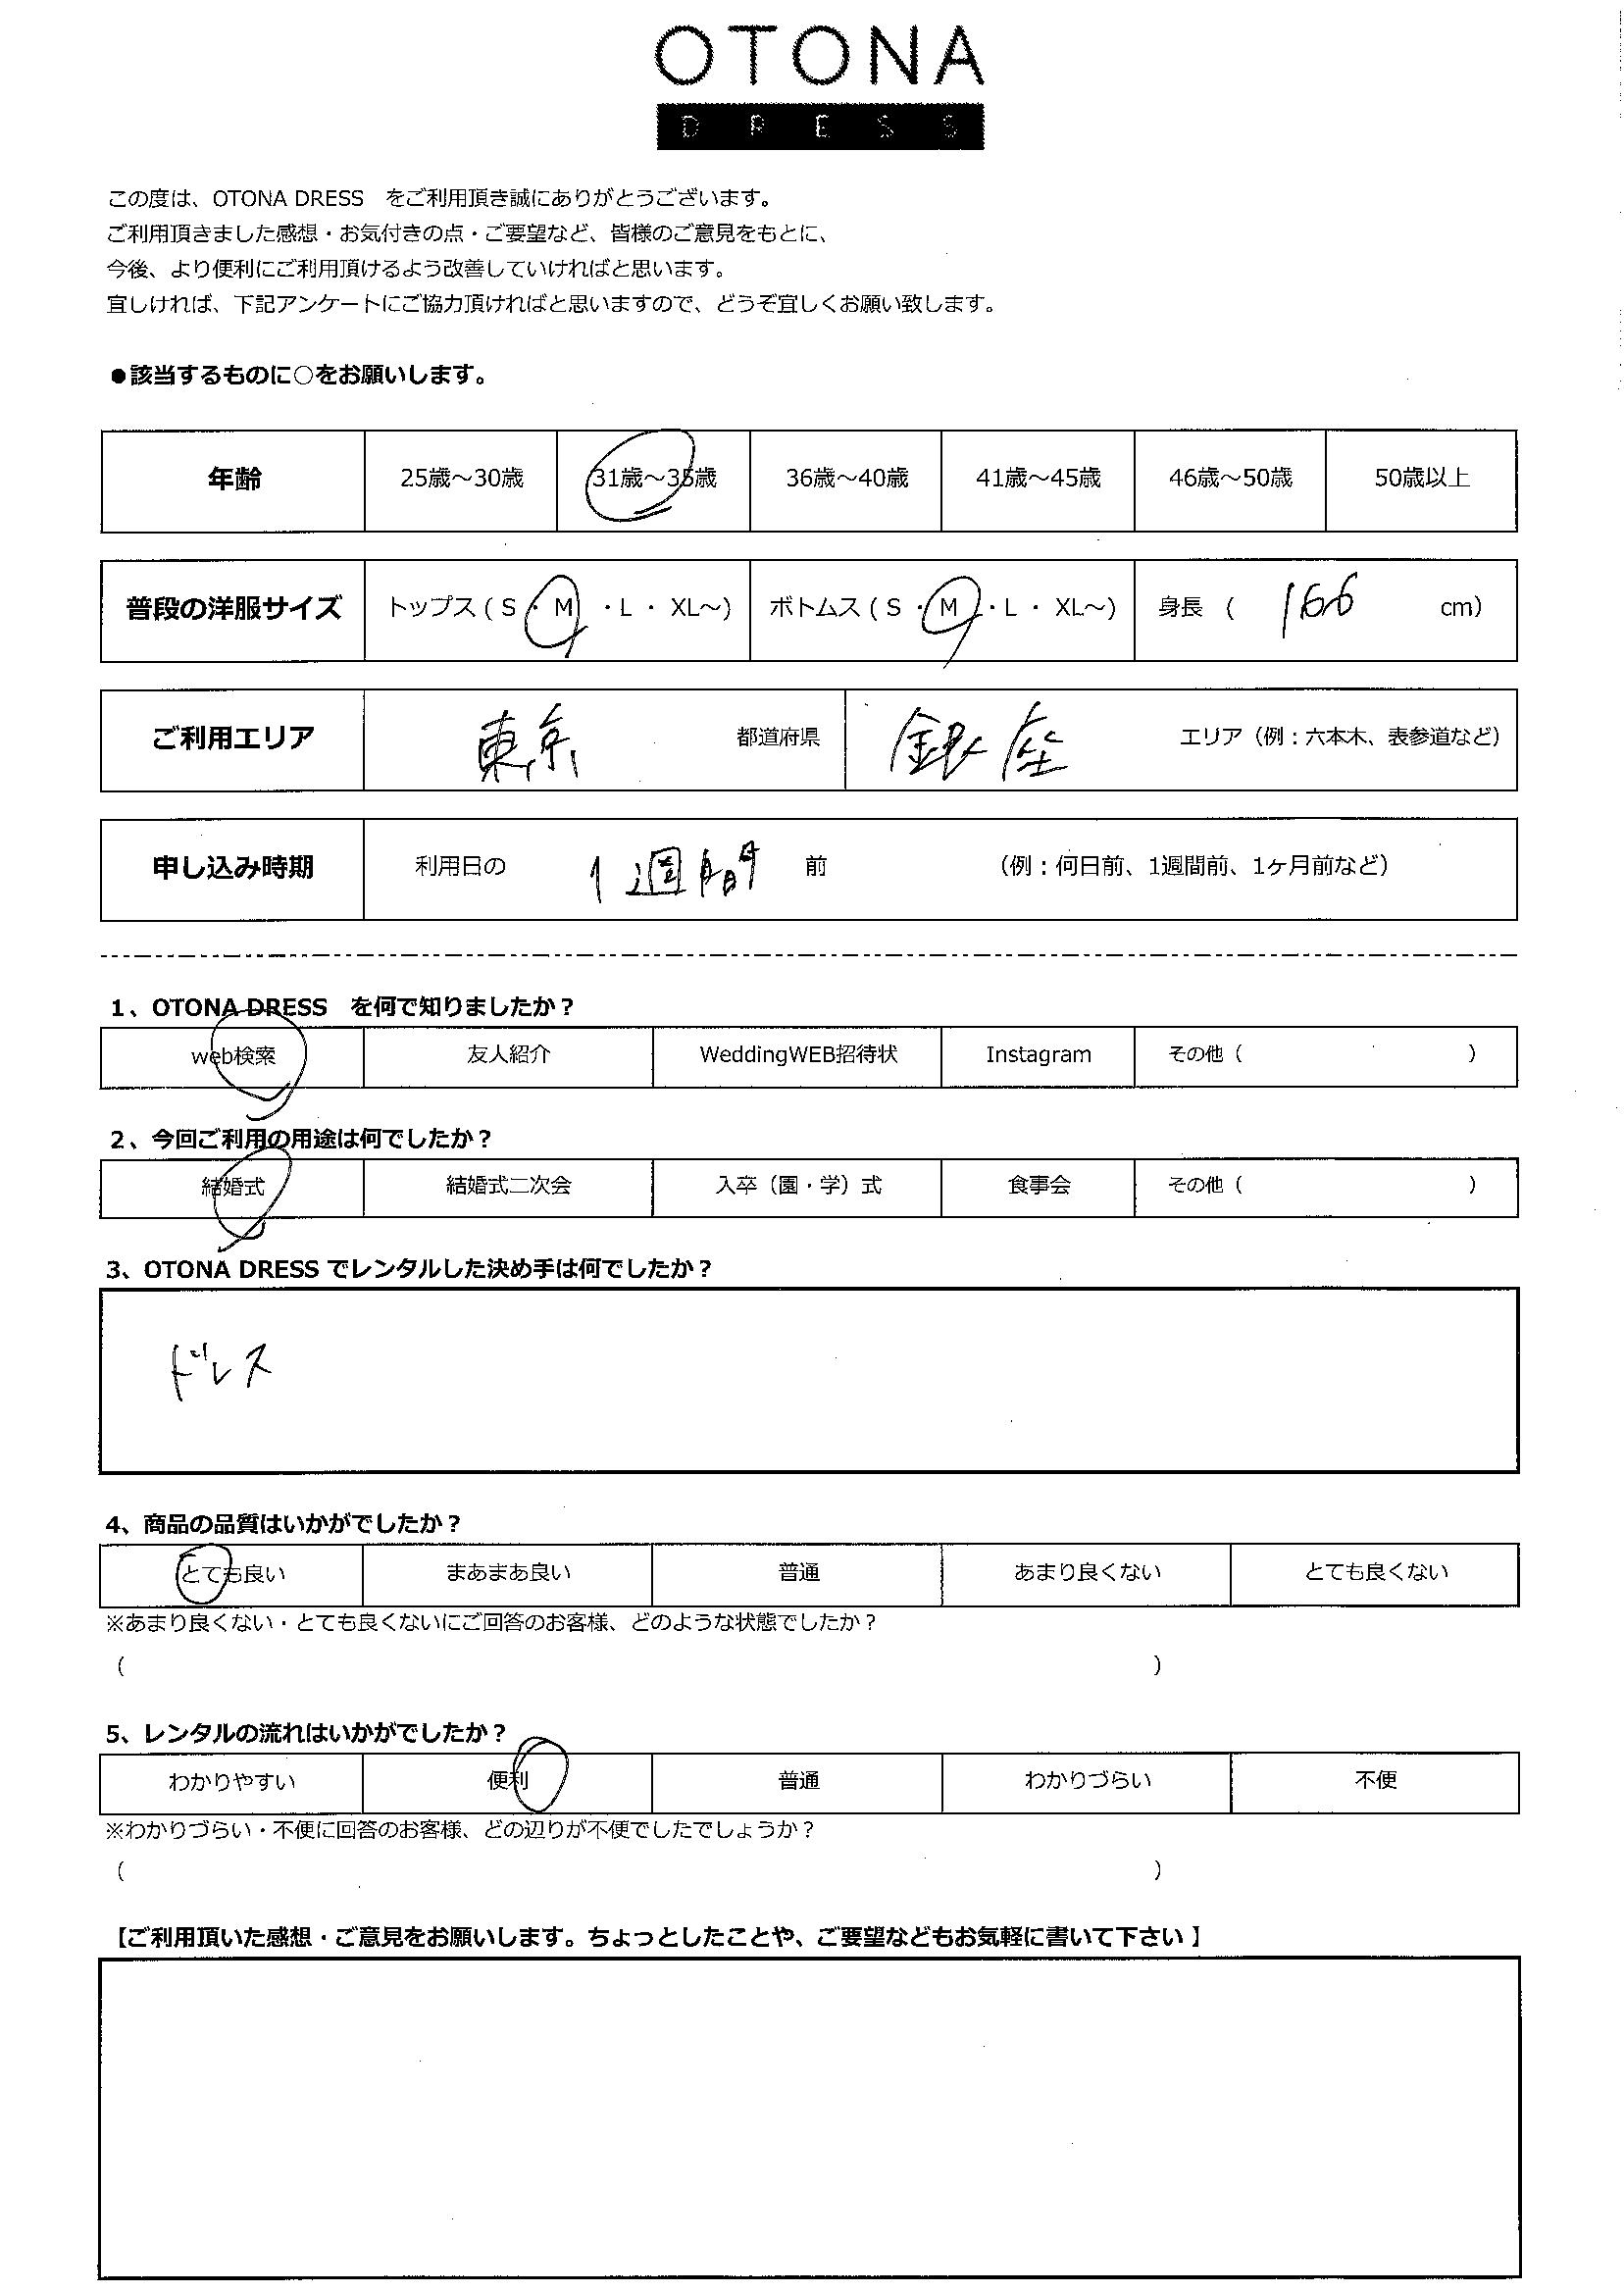 5/29結婚式ご利用 東京・銀座エリア